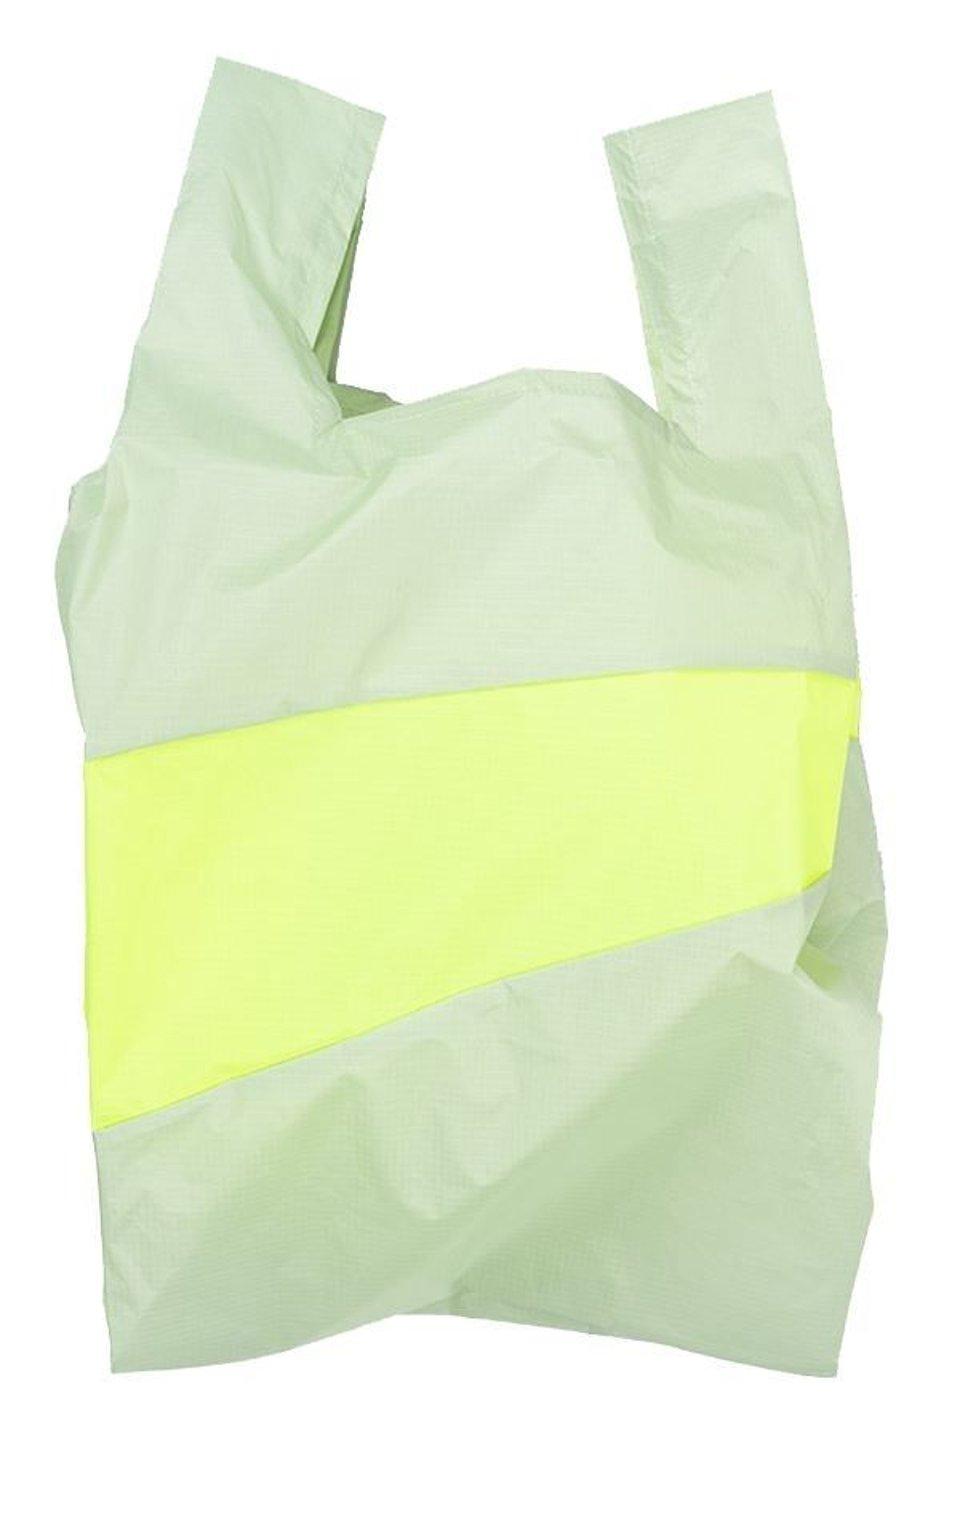 Shopping Bag #6